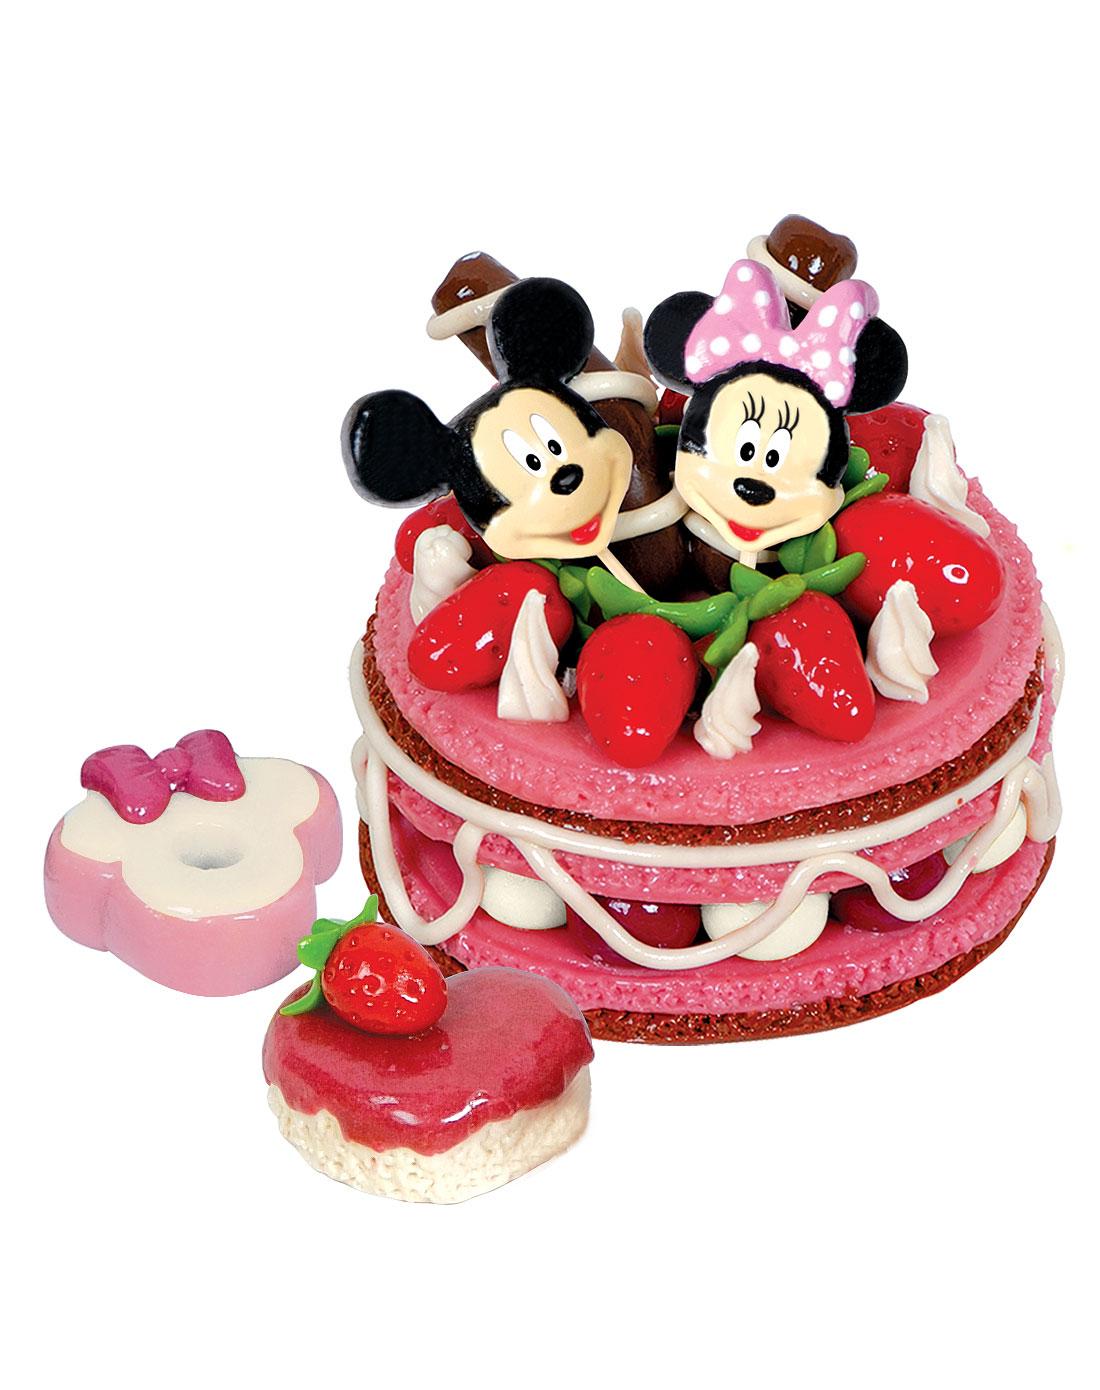 可爱小蛋糕